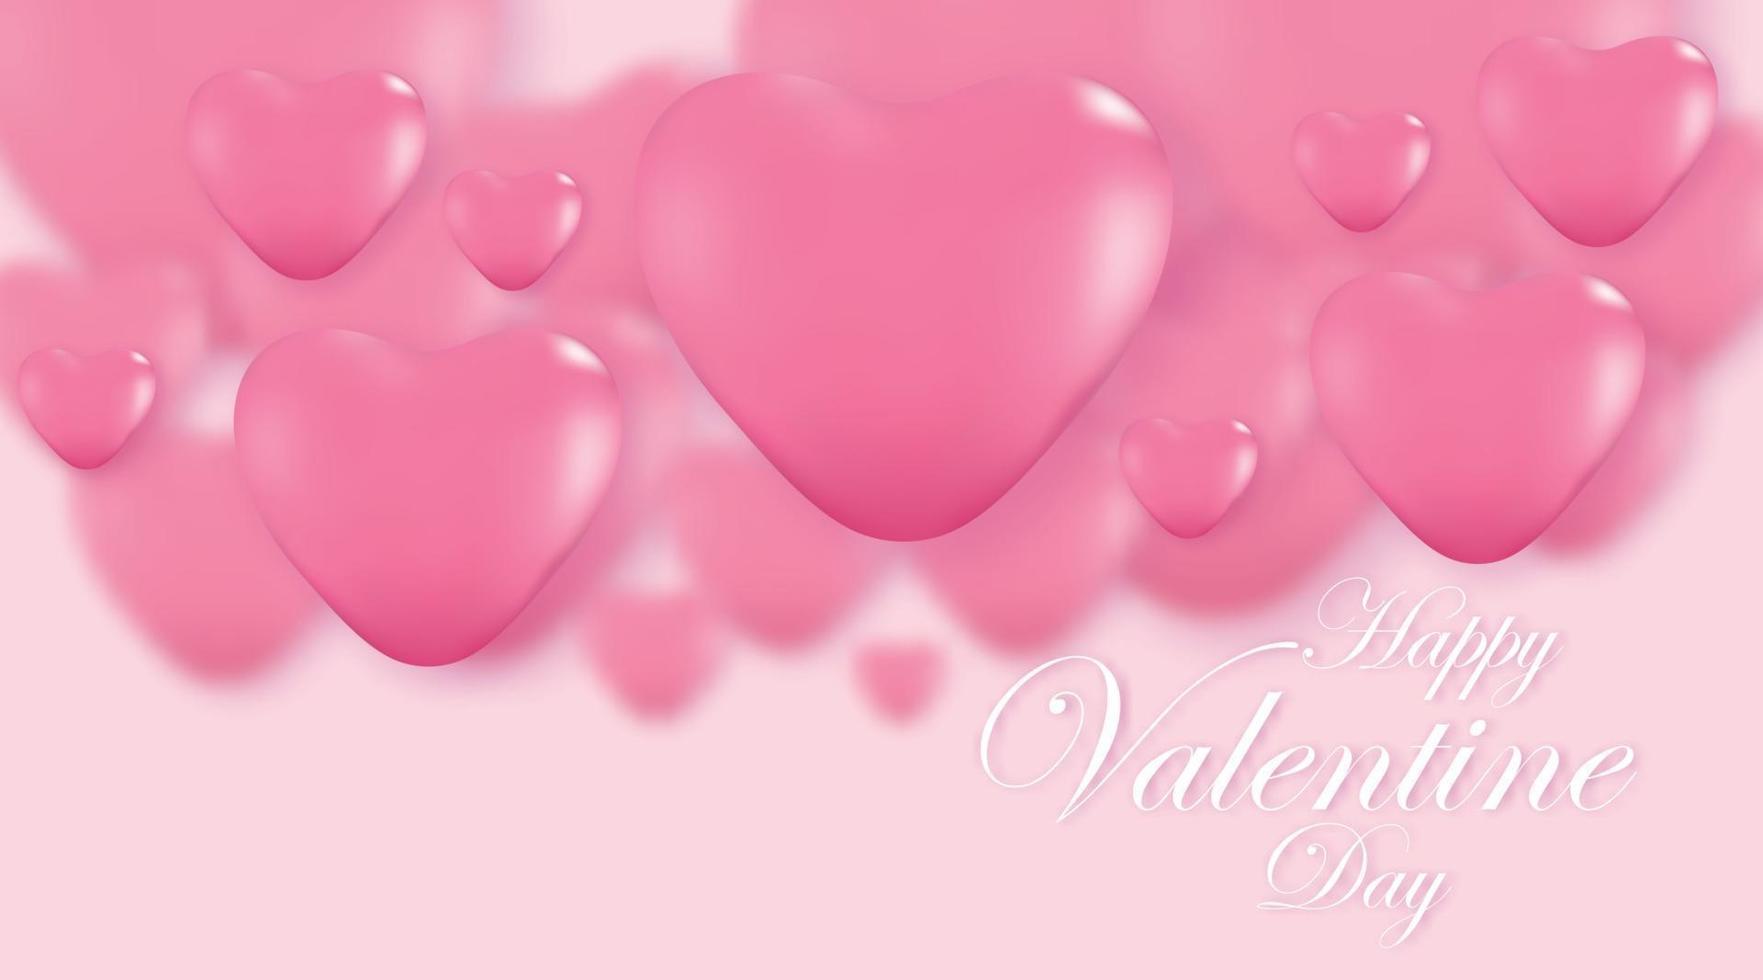 fundo rosa do dia dos namorados, corações 3d em pano de fundo brilhante. ilustração vetorial. vetor